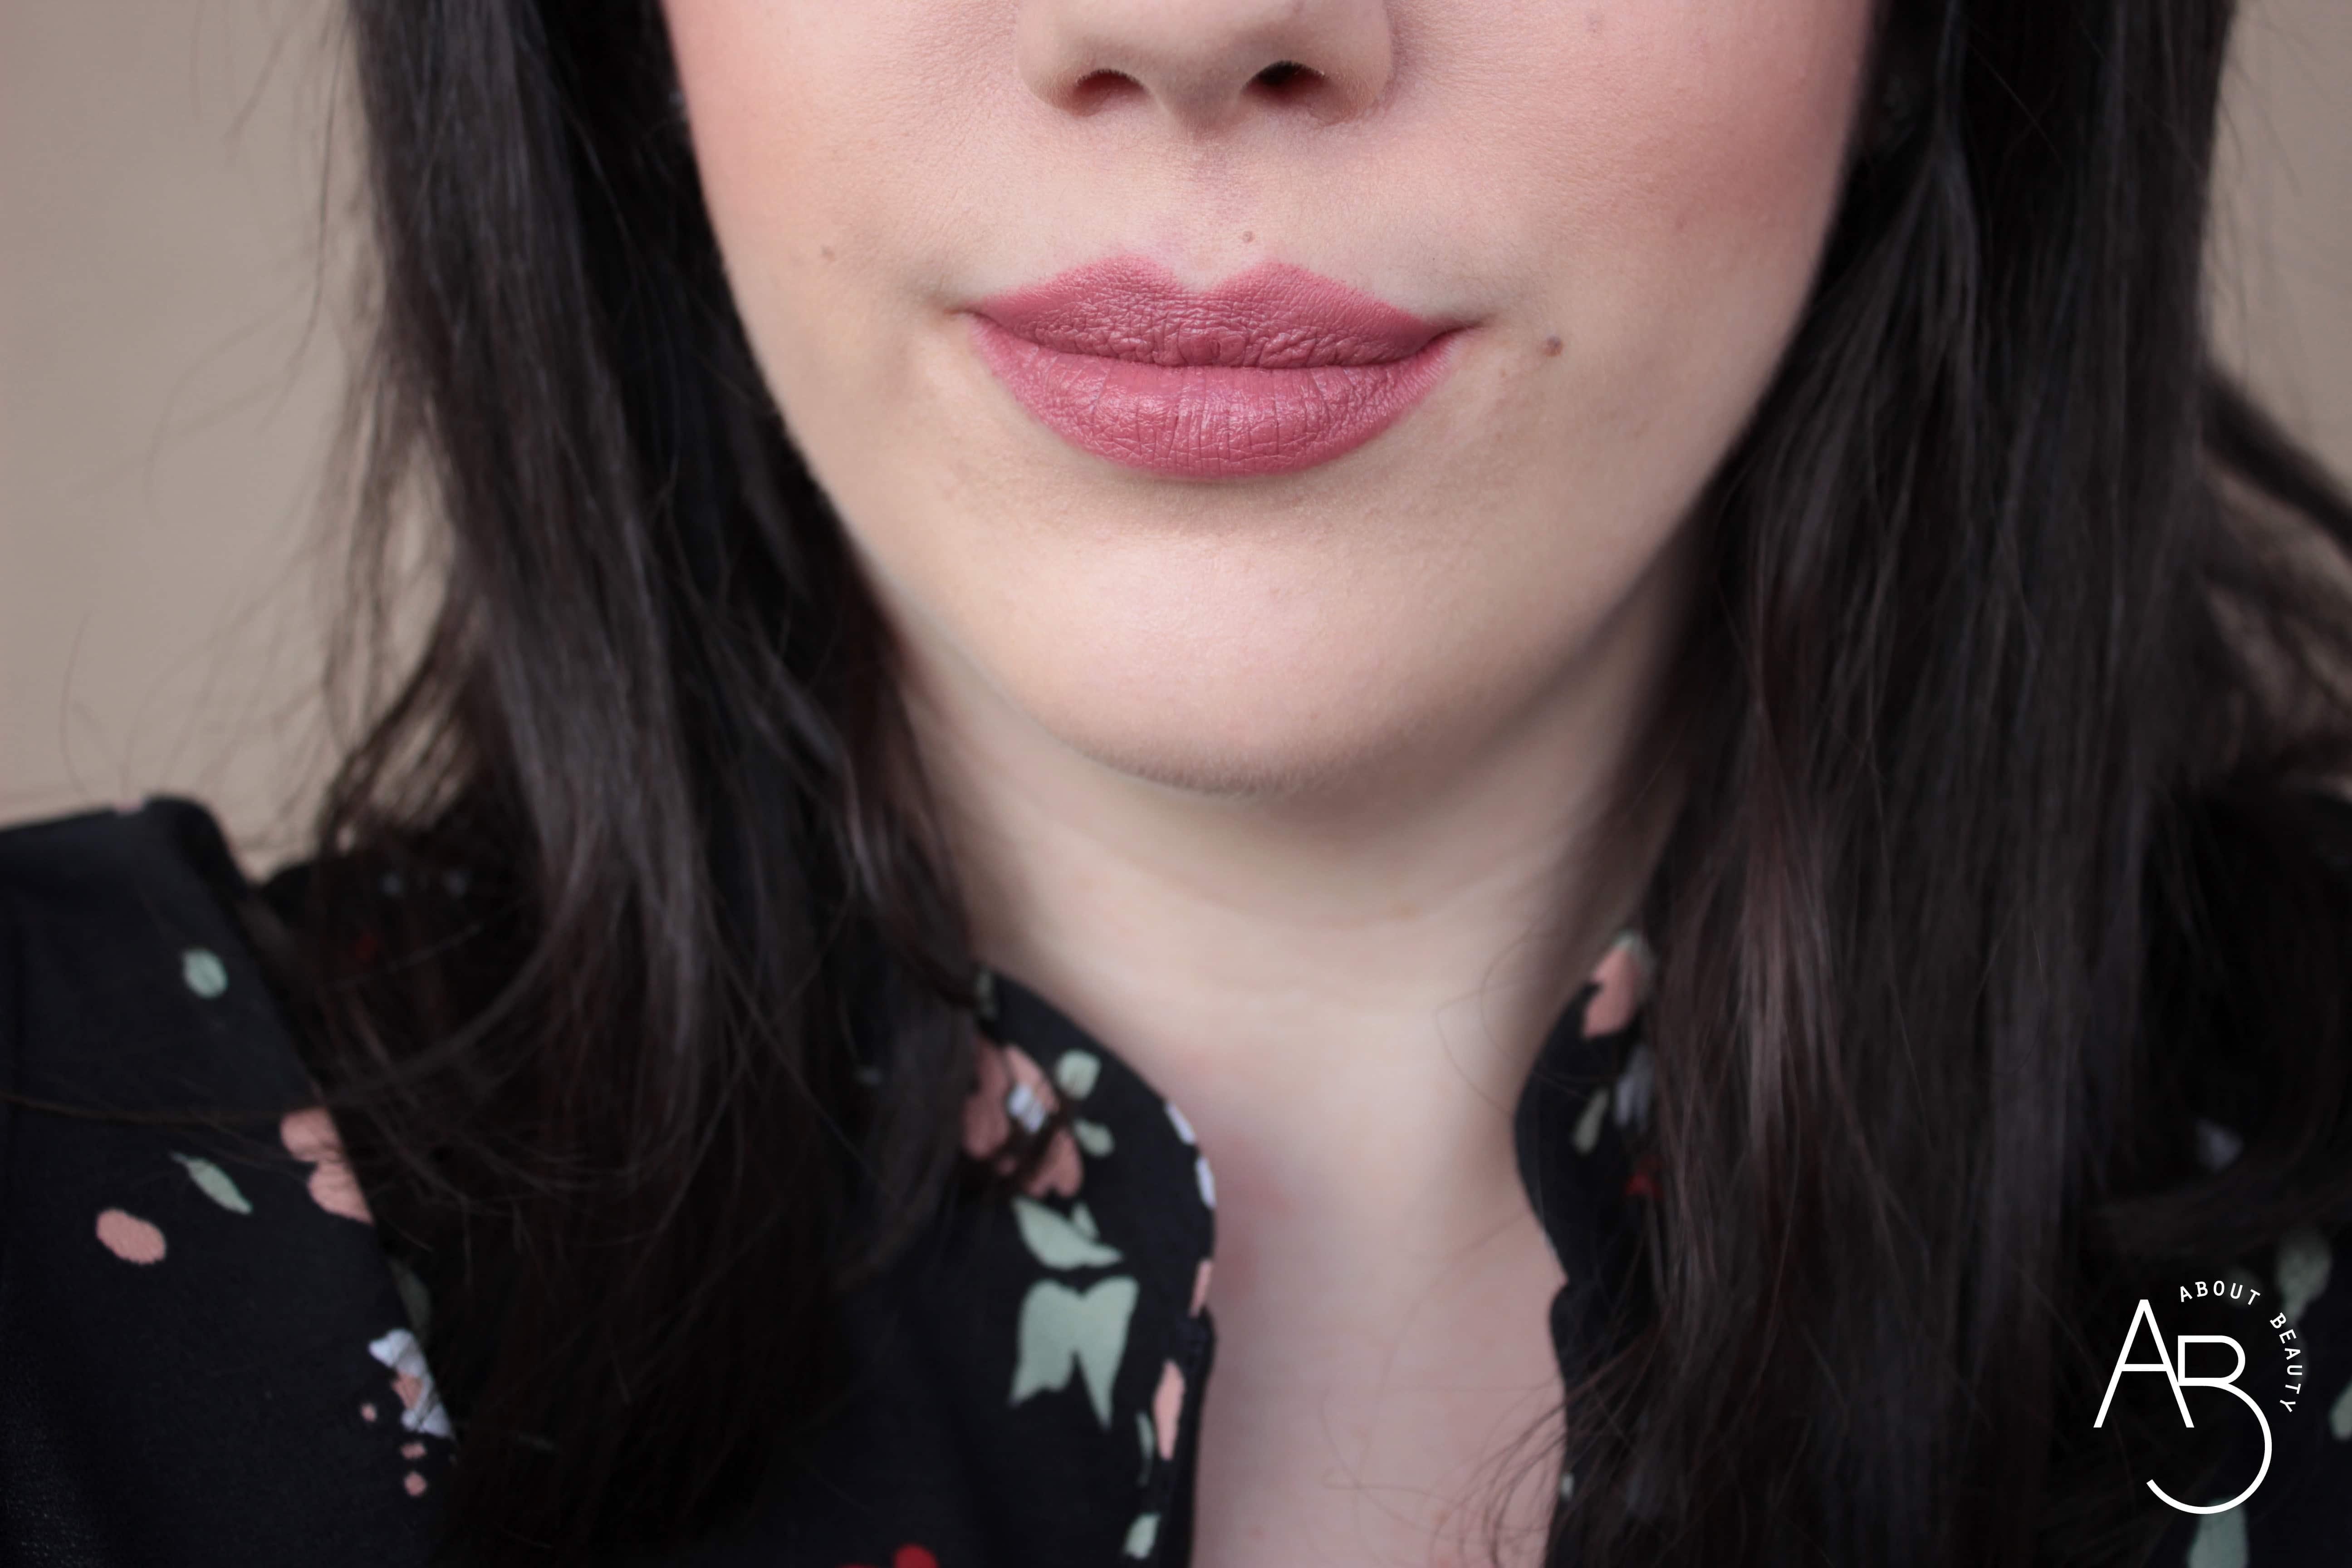 Nuovi rossetti newDElicious Dessert a Levres Neve Cosmetics 2019 - Info, review, recensione, opinioni, swatches, data uscita, prezzo, sconto - Cocoa Cupcake